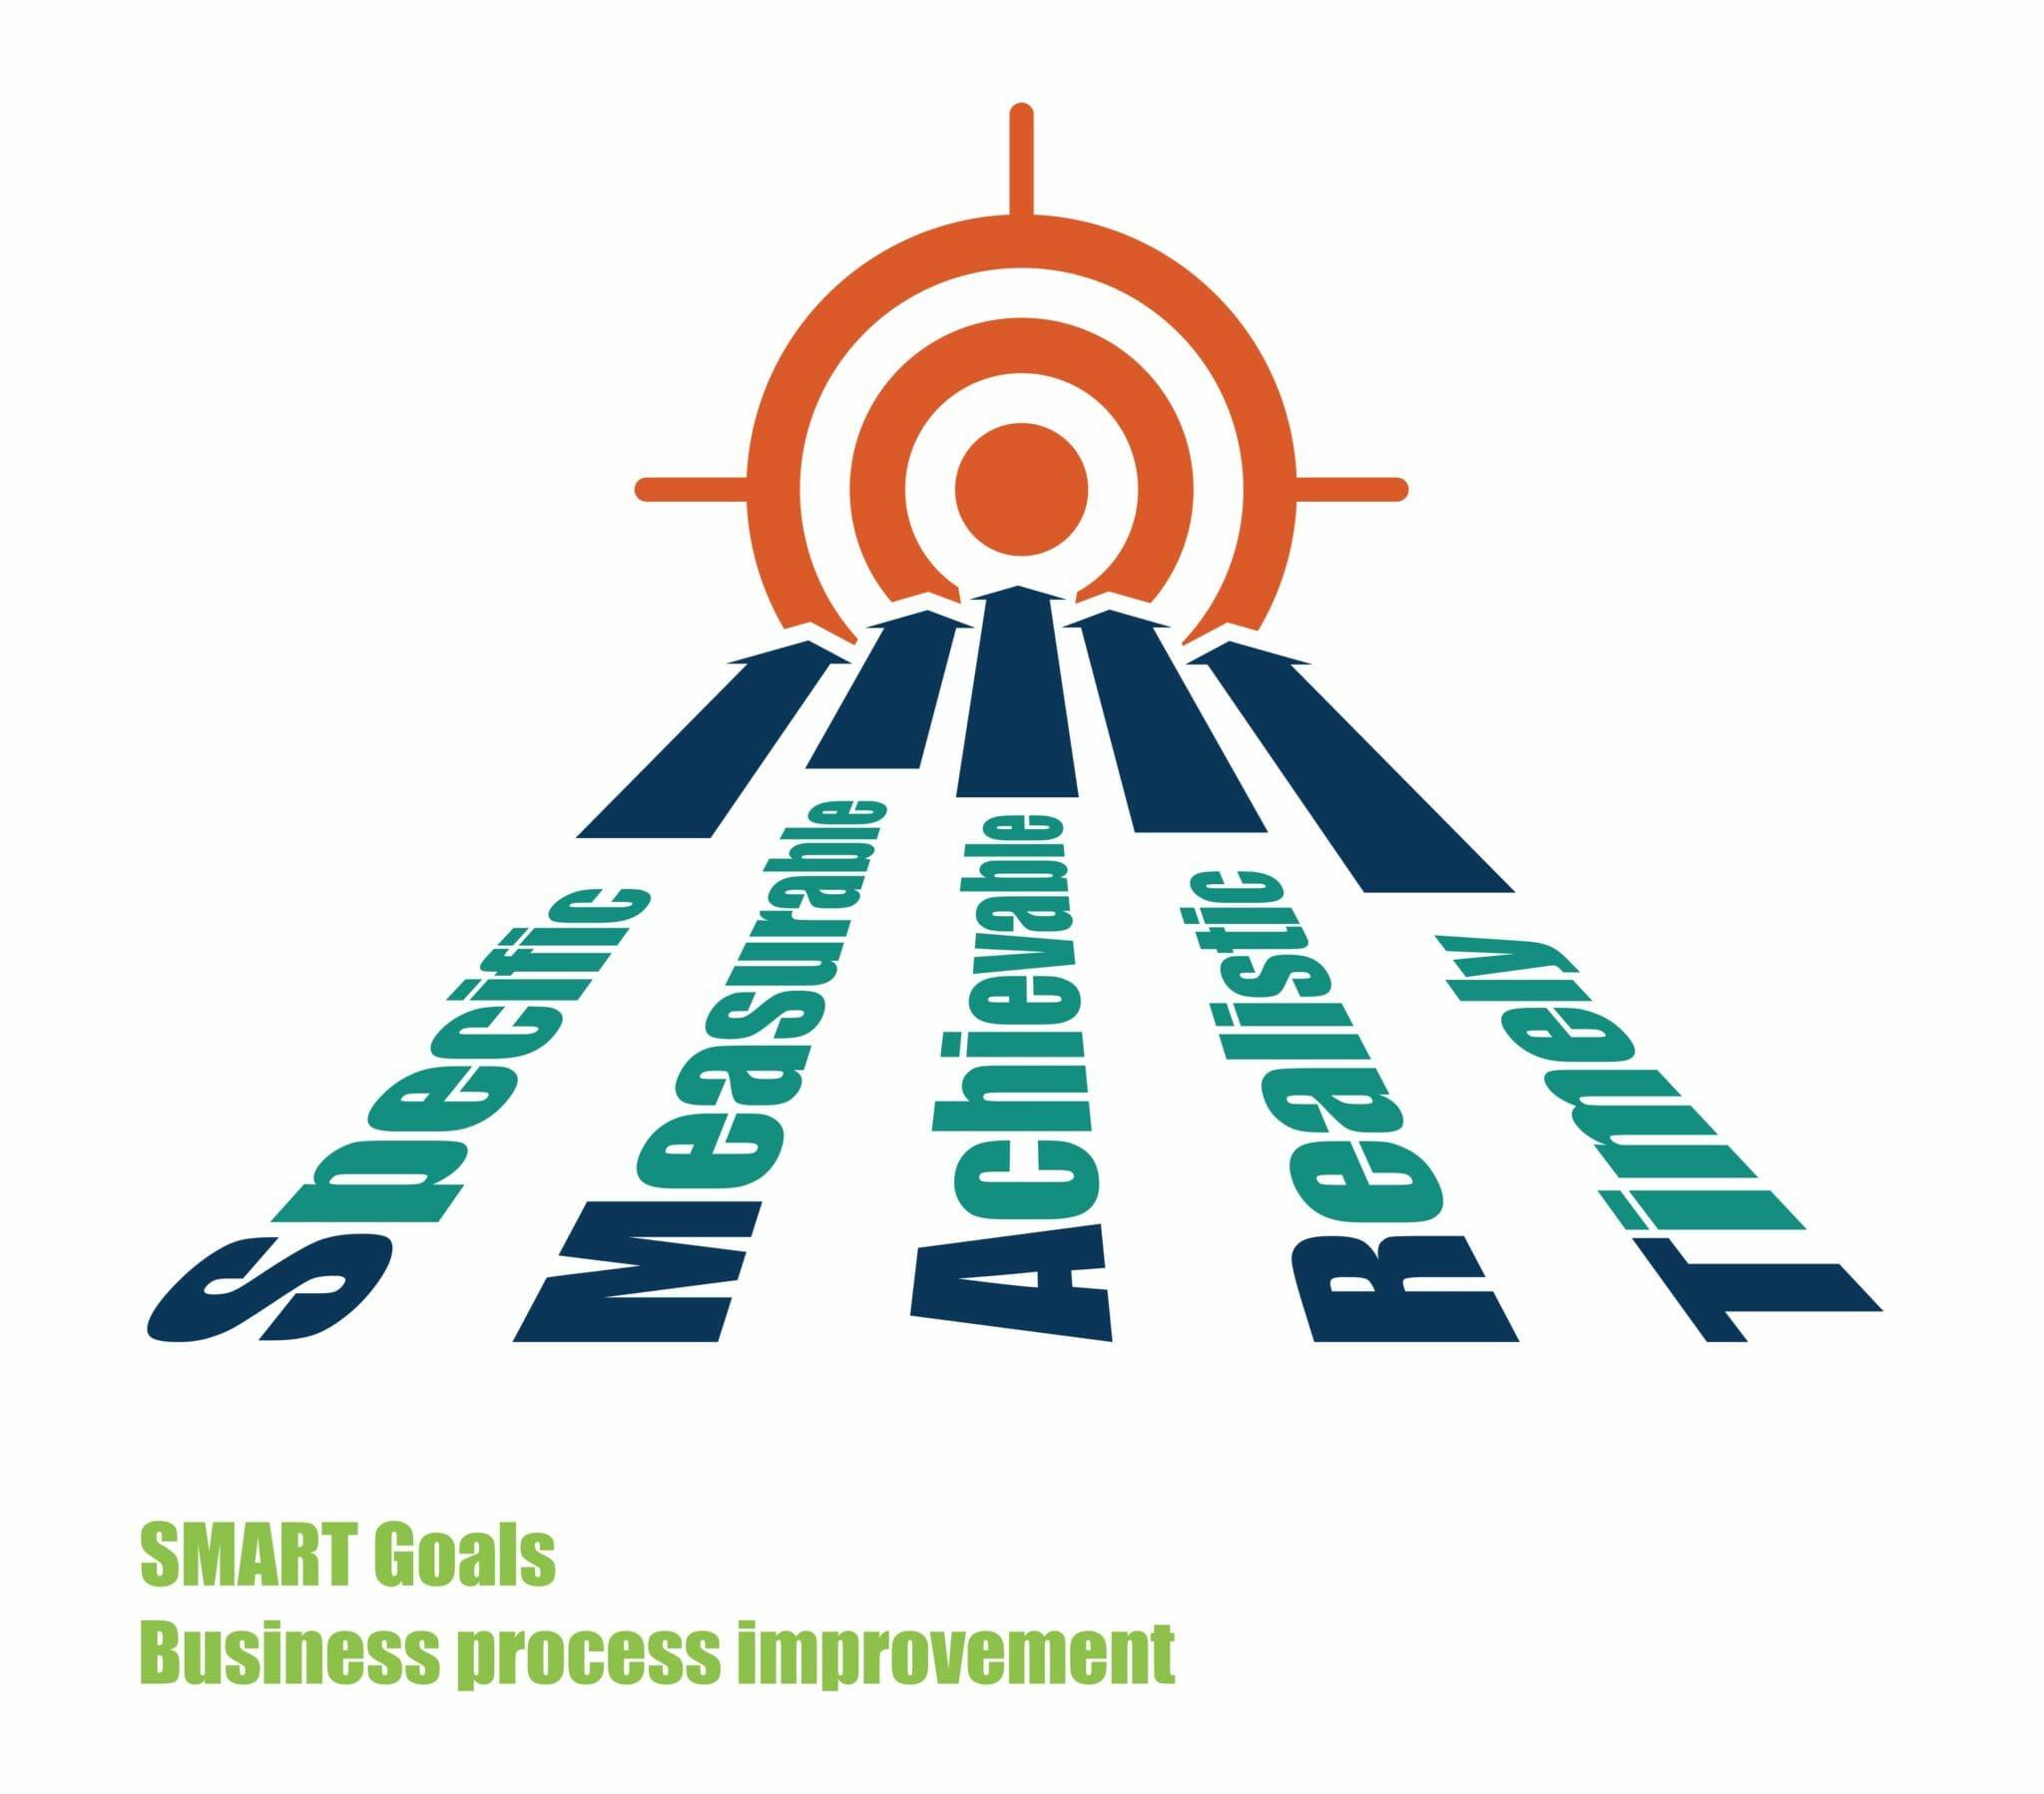 strategic goals - PMWorld 360